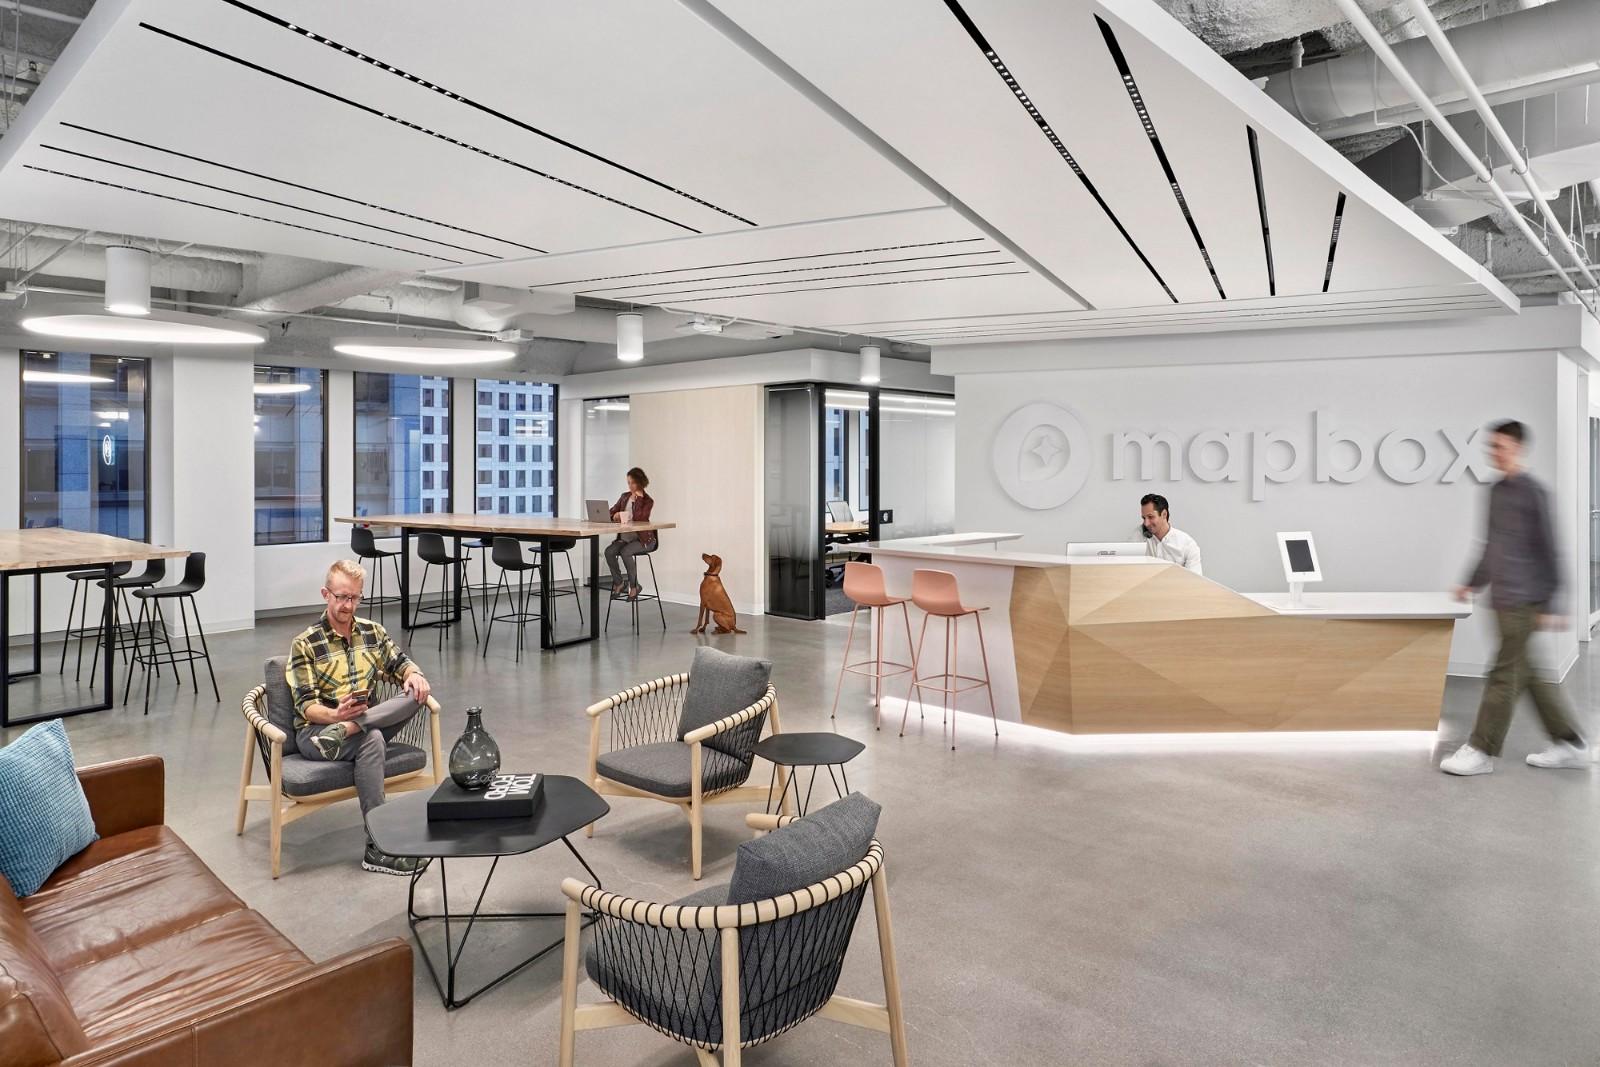 开放与优雅,旧金山Mapbox办公空间 | Revel Architecture & Design插图2